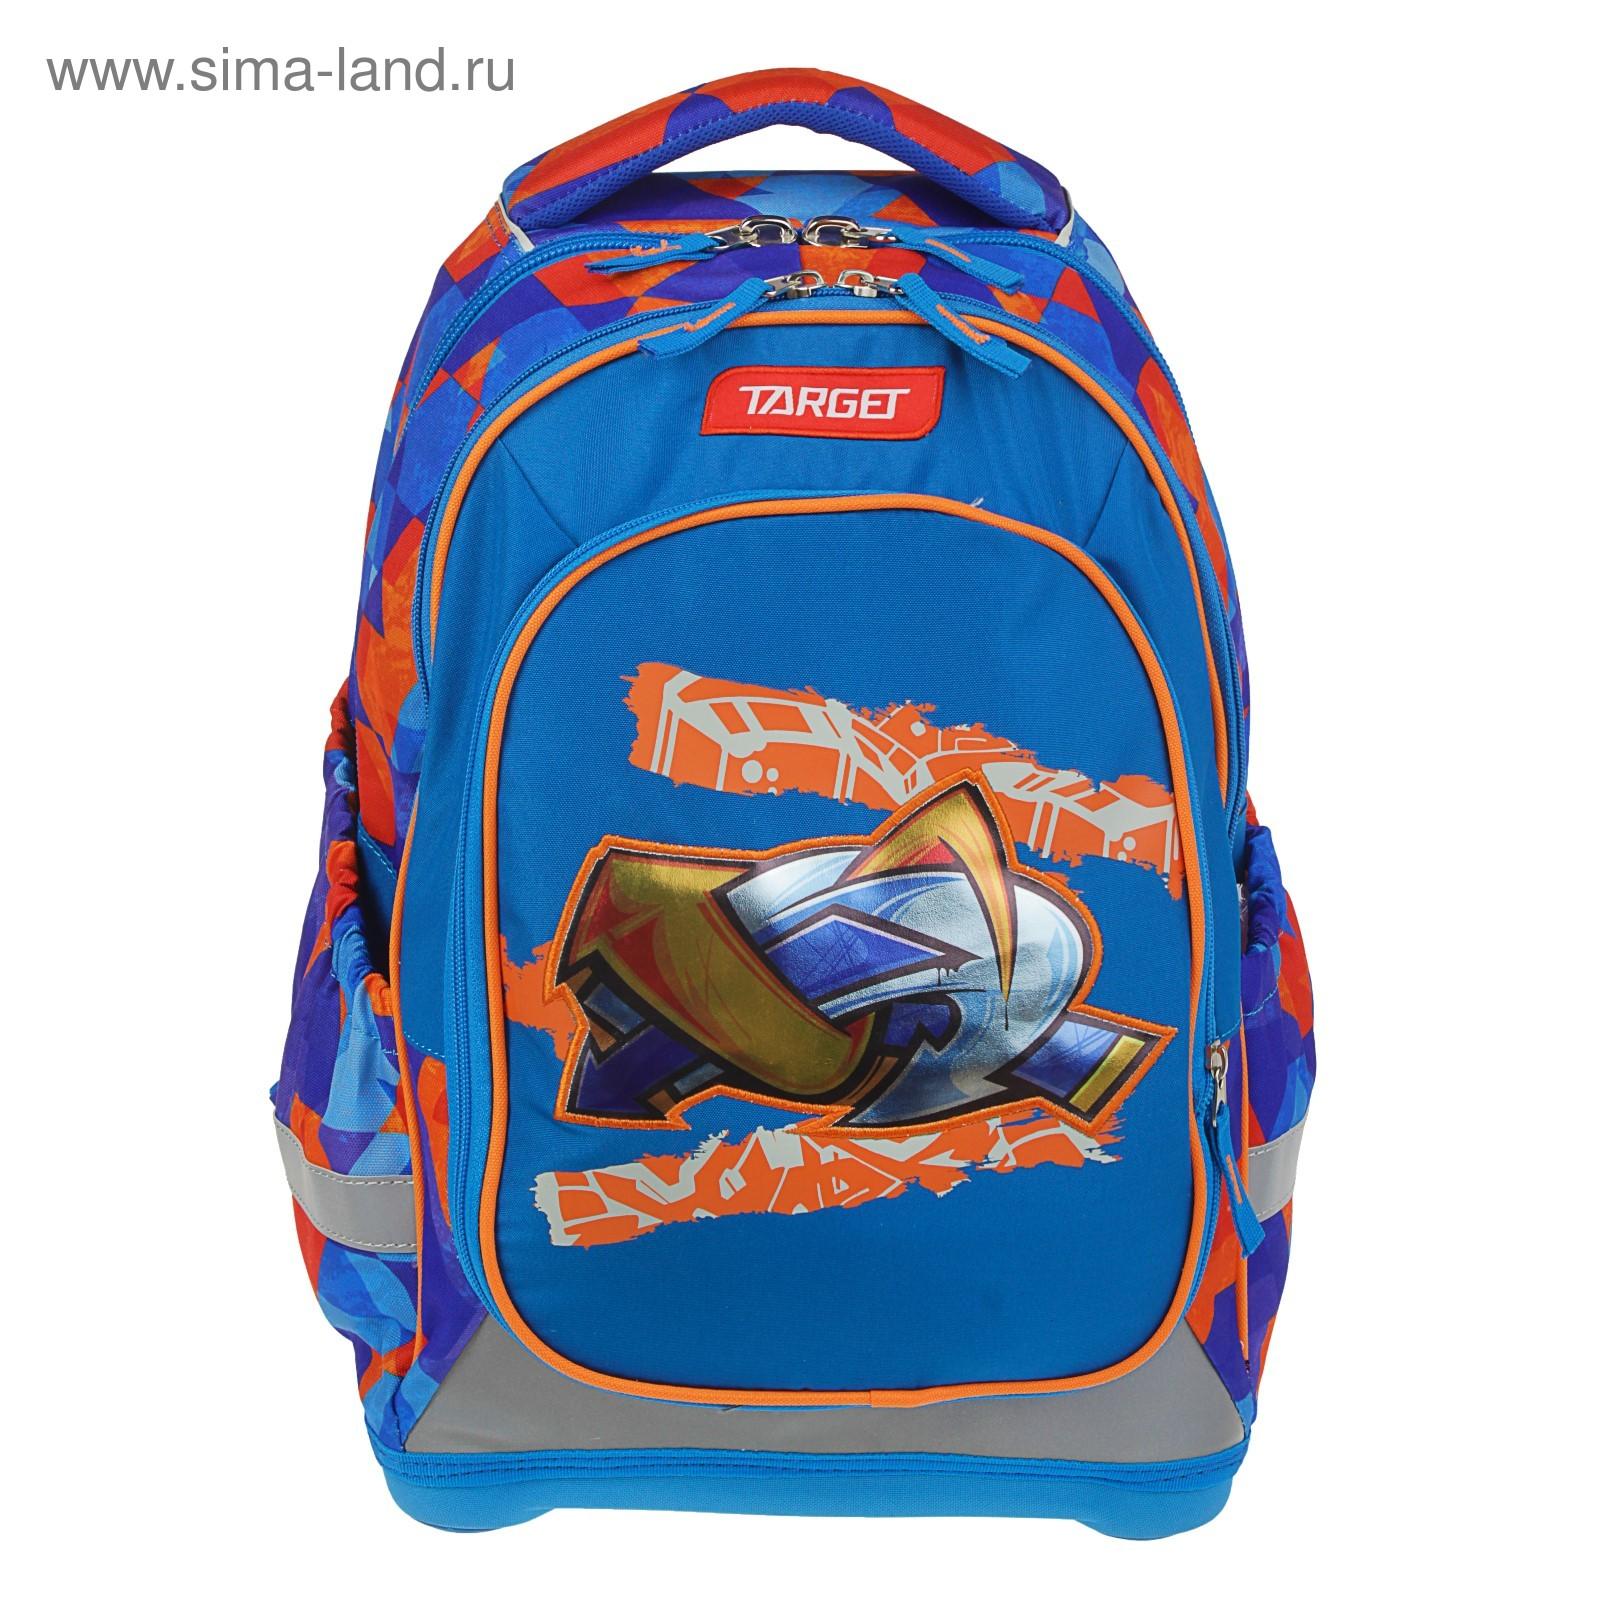 57148232ca8d Рюкзак школьный эргономичная спинка для мальчика Target 45*34*21  суперлегкий Murales, синий